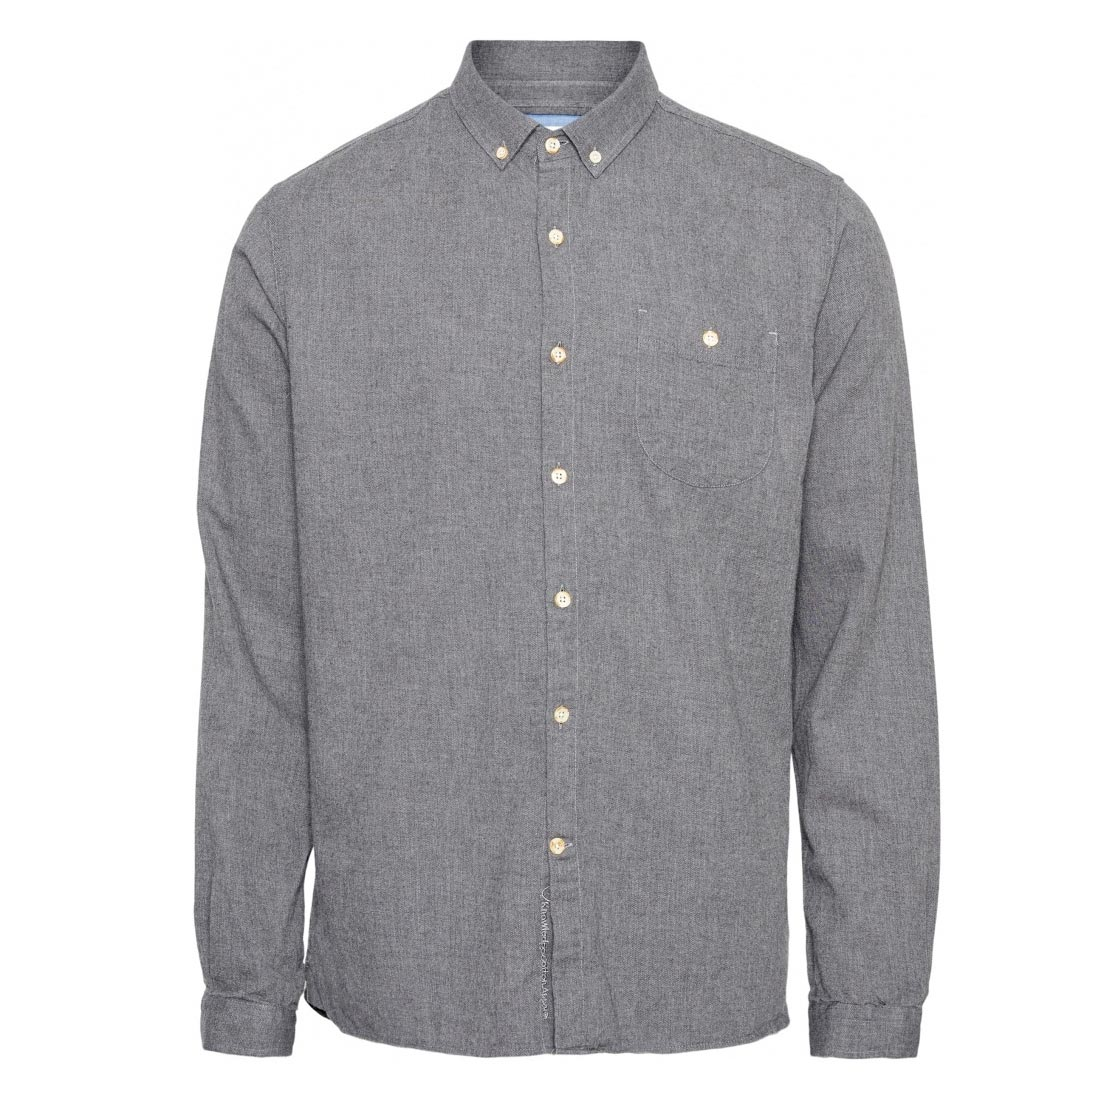 elder melange dark grey knowledge cotton apparel